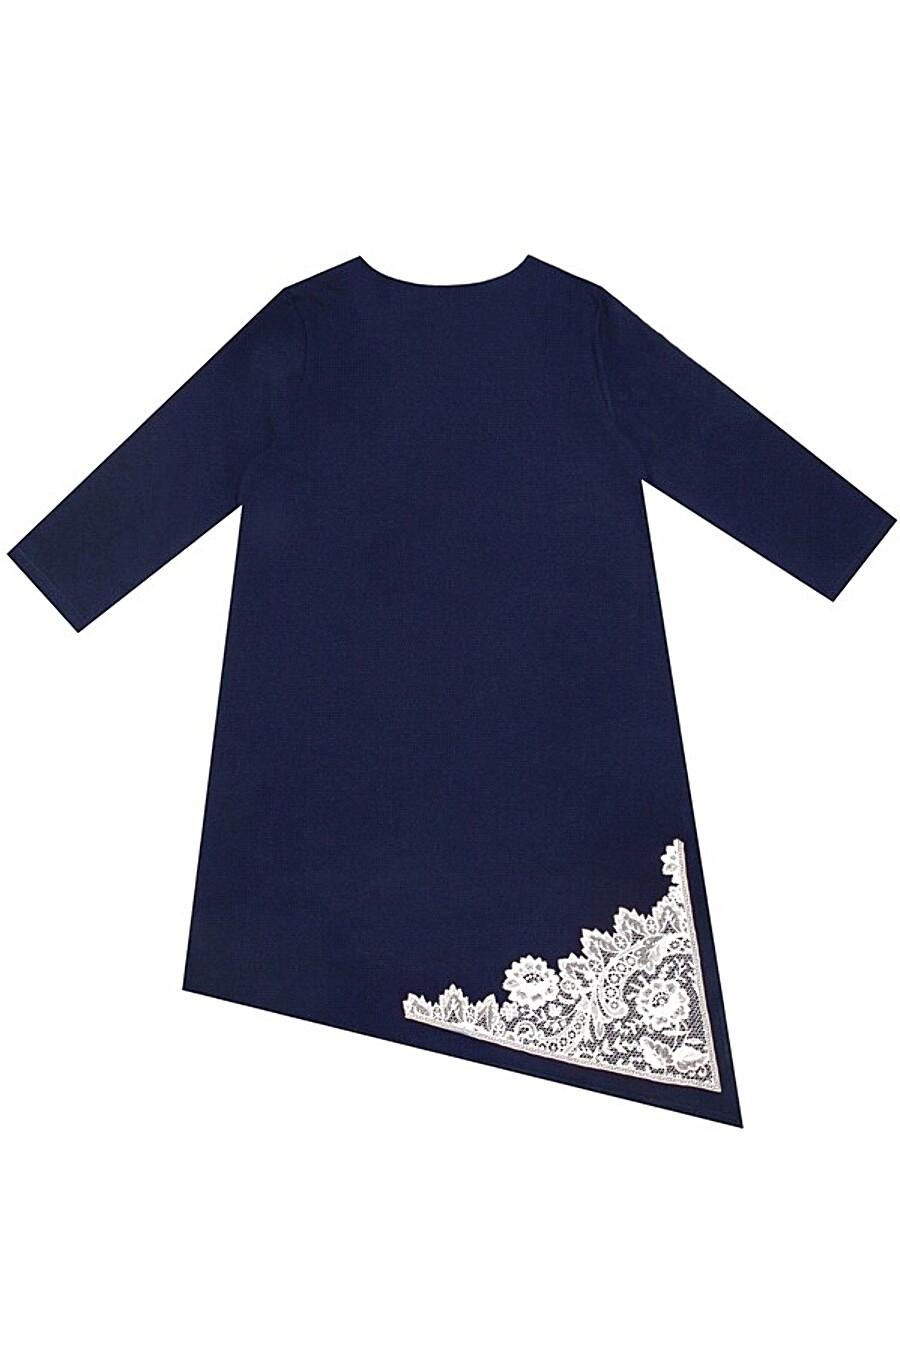 Туника для женщин Archi 239027 купить оптом от производителя. Совместная покупка женской одежды в OptMoyo